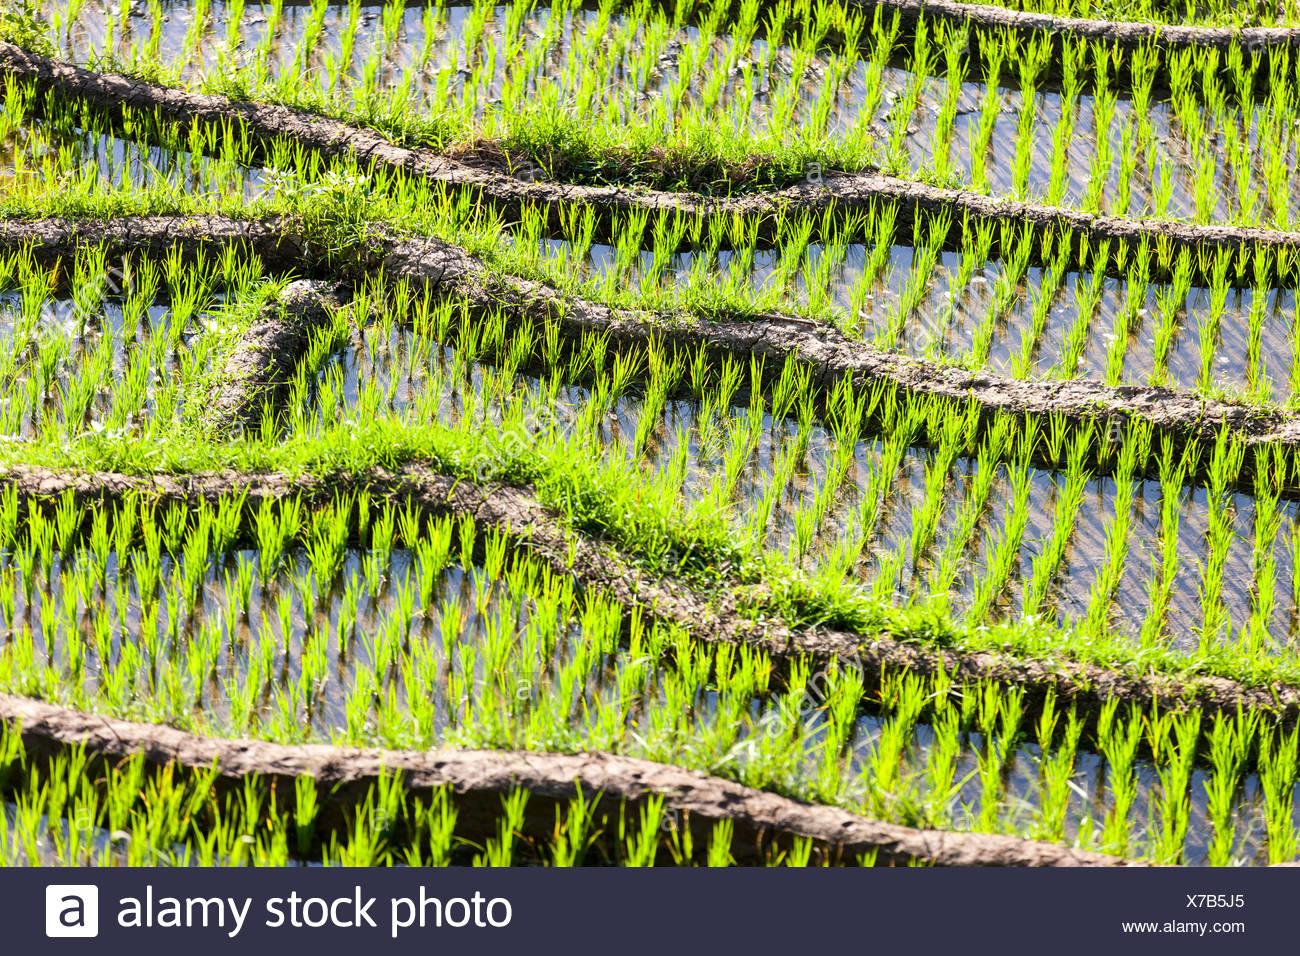 Rice field, detail, Tirtagangga, bei Abang, Bali, Indonesia - Stock Image